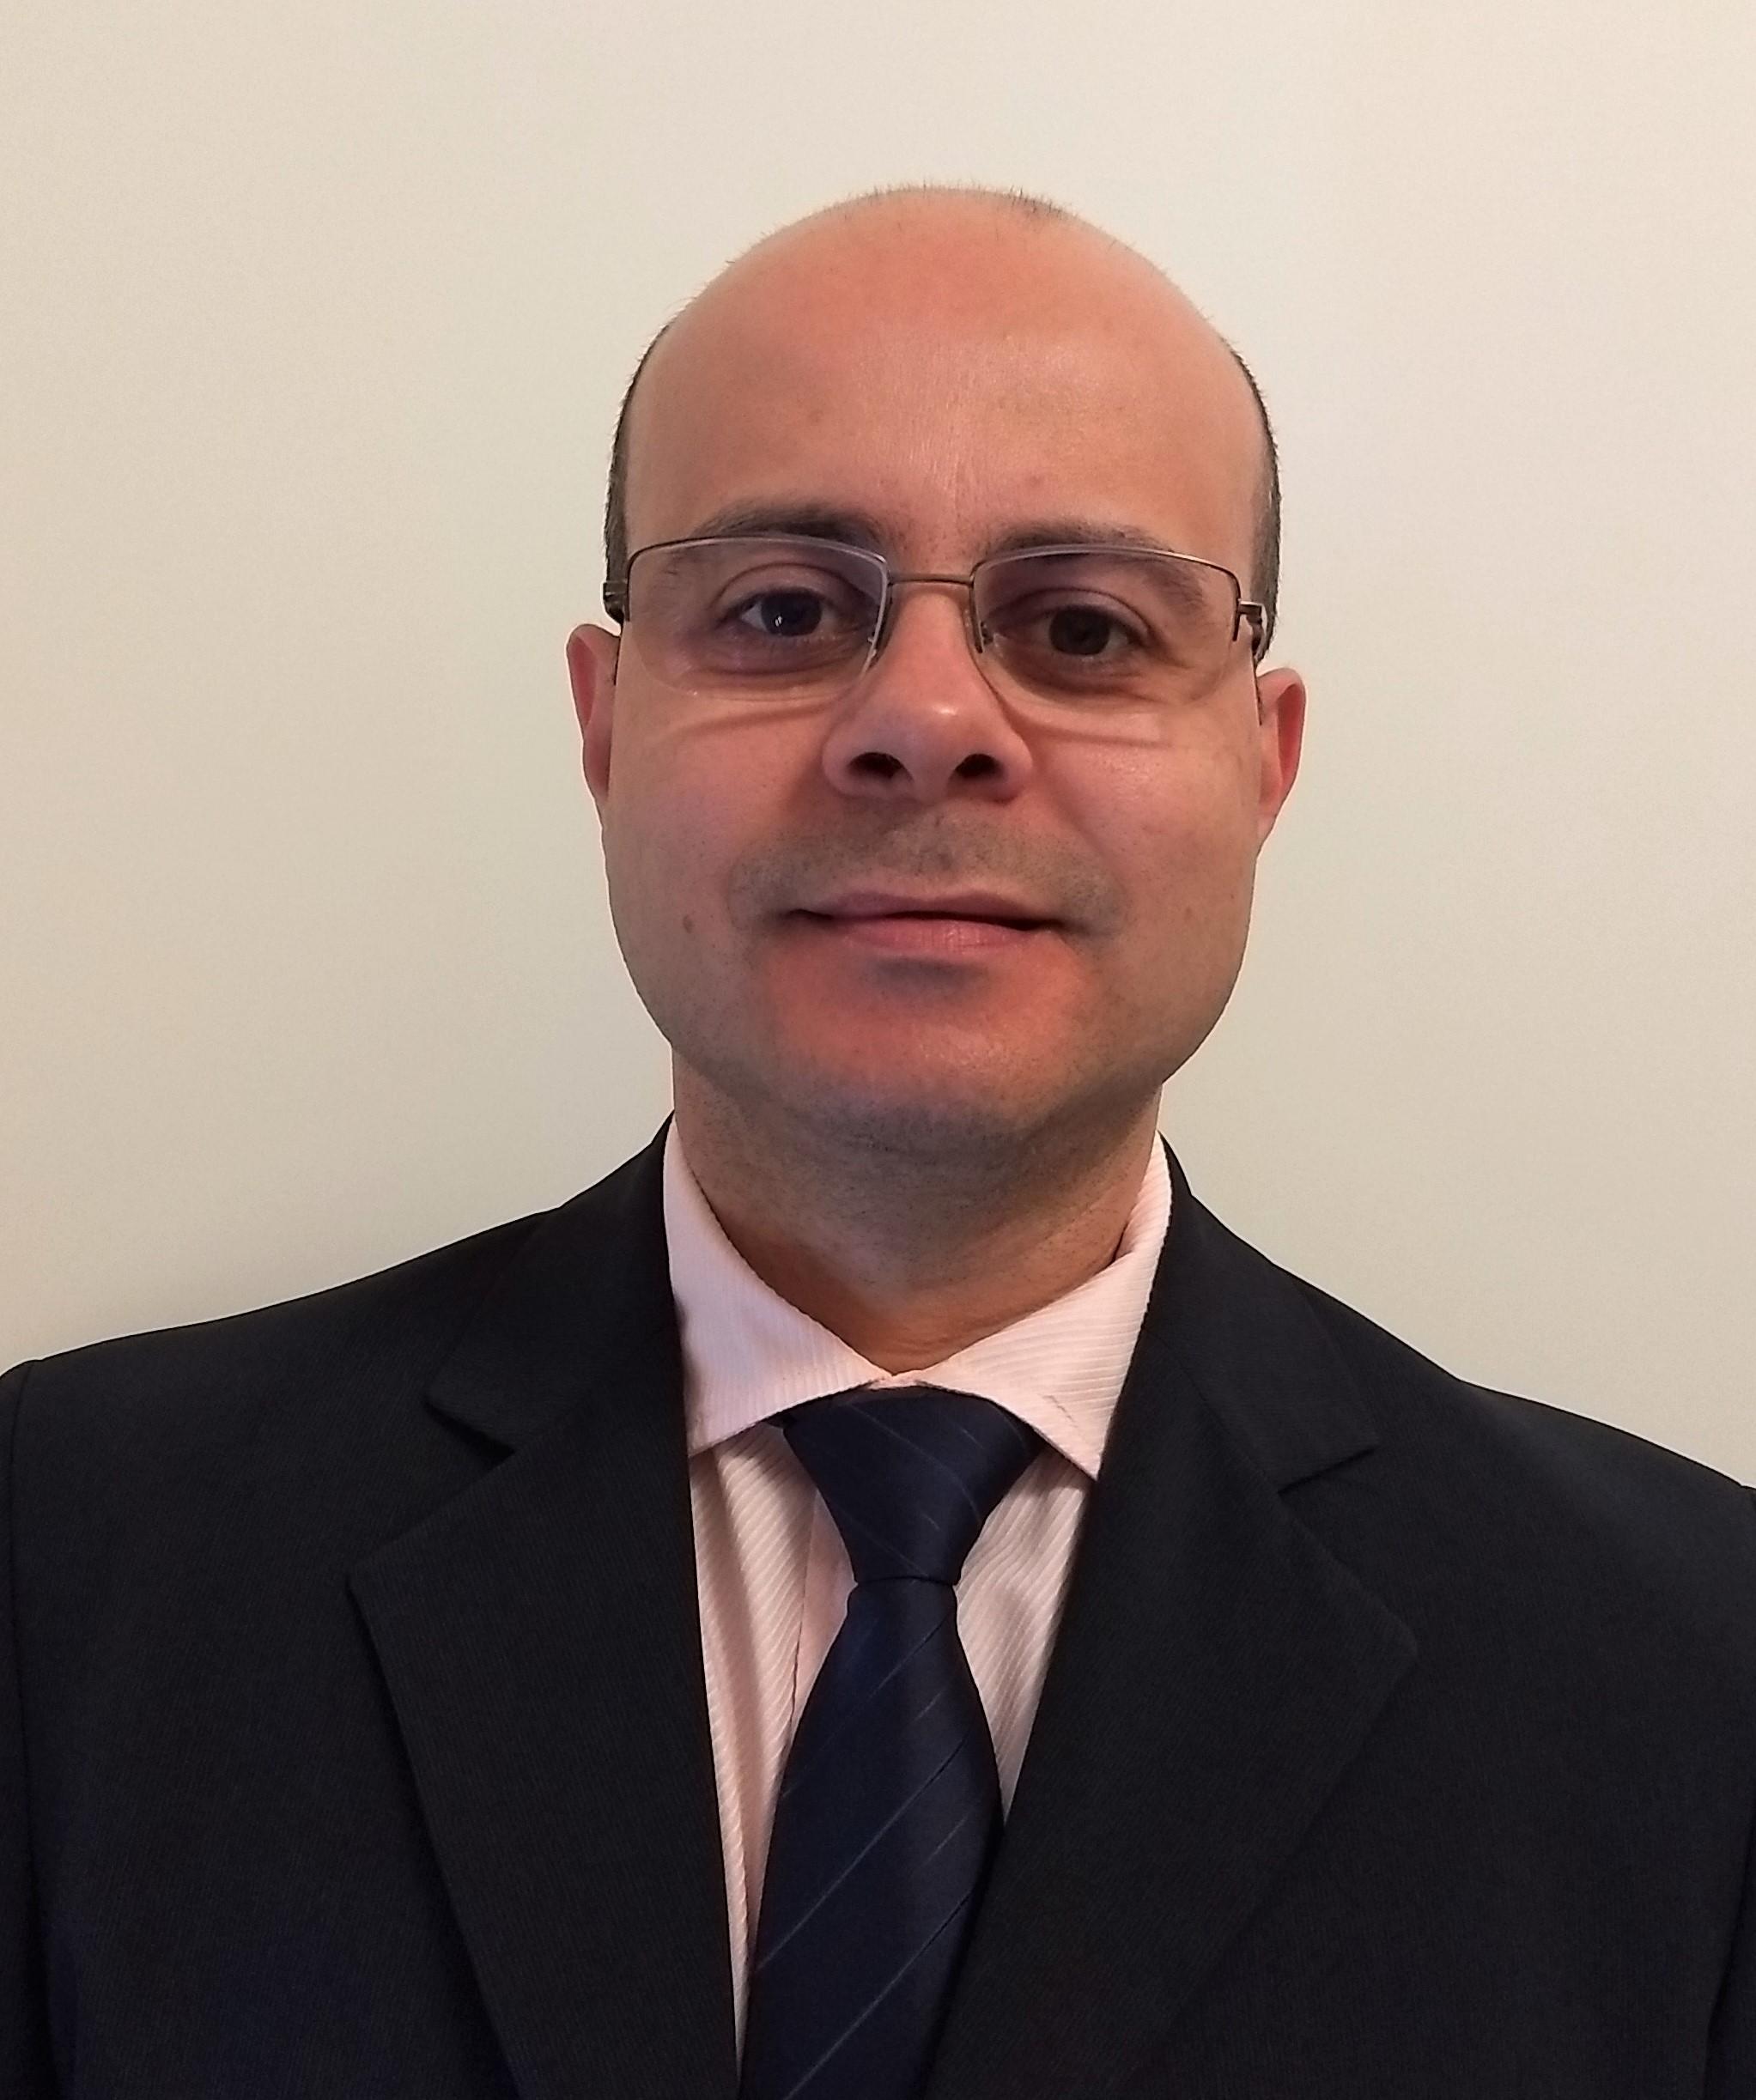 Cristiano Jose Mendes Pinto